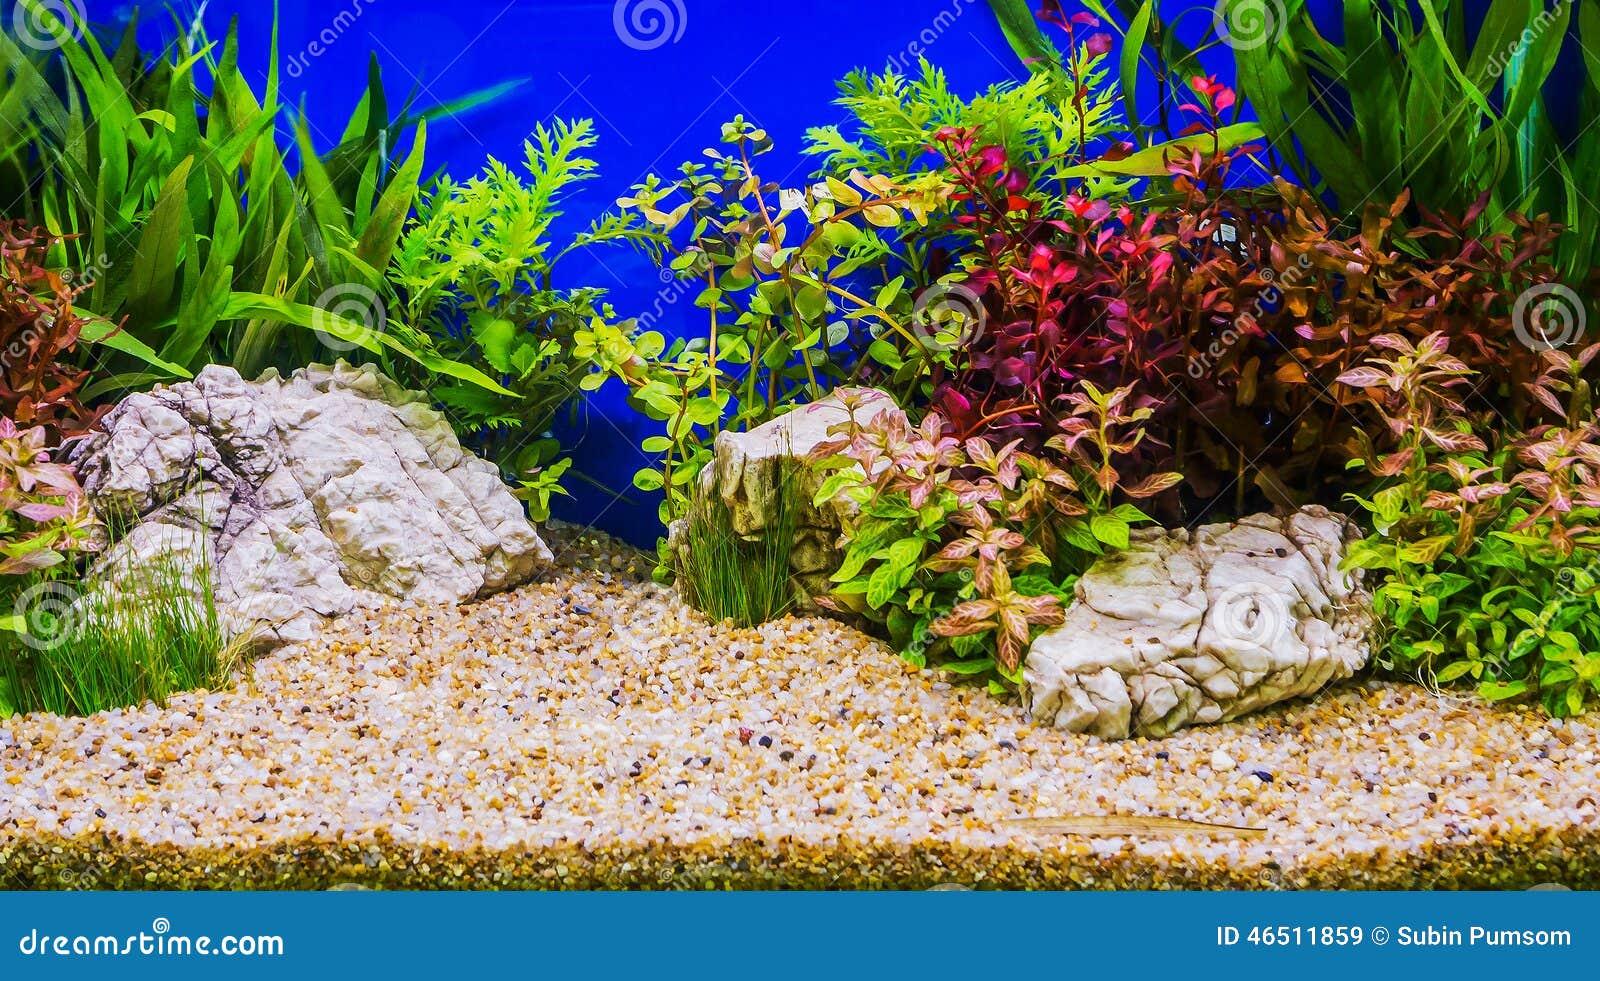 Sfondi acquario acqua dolce casamia idea di immagine for Acquario acqua dolce